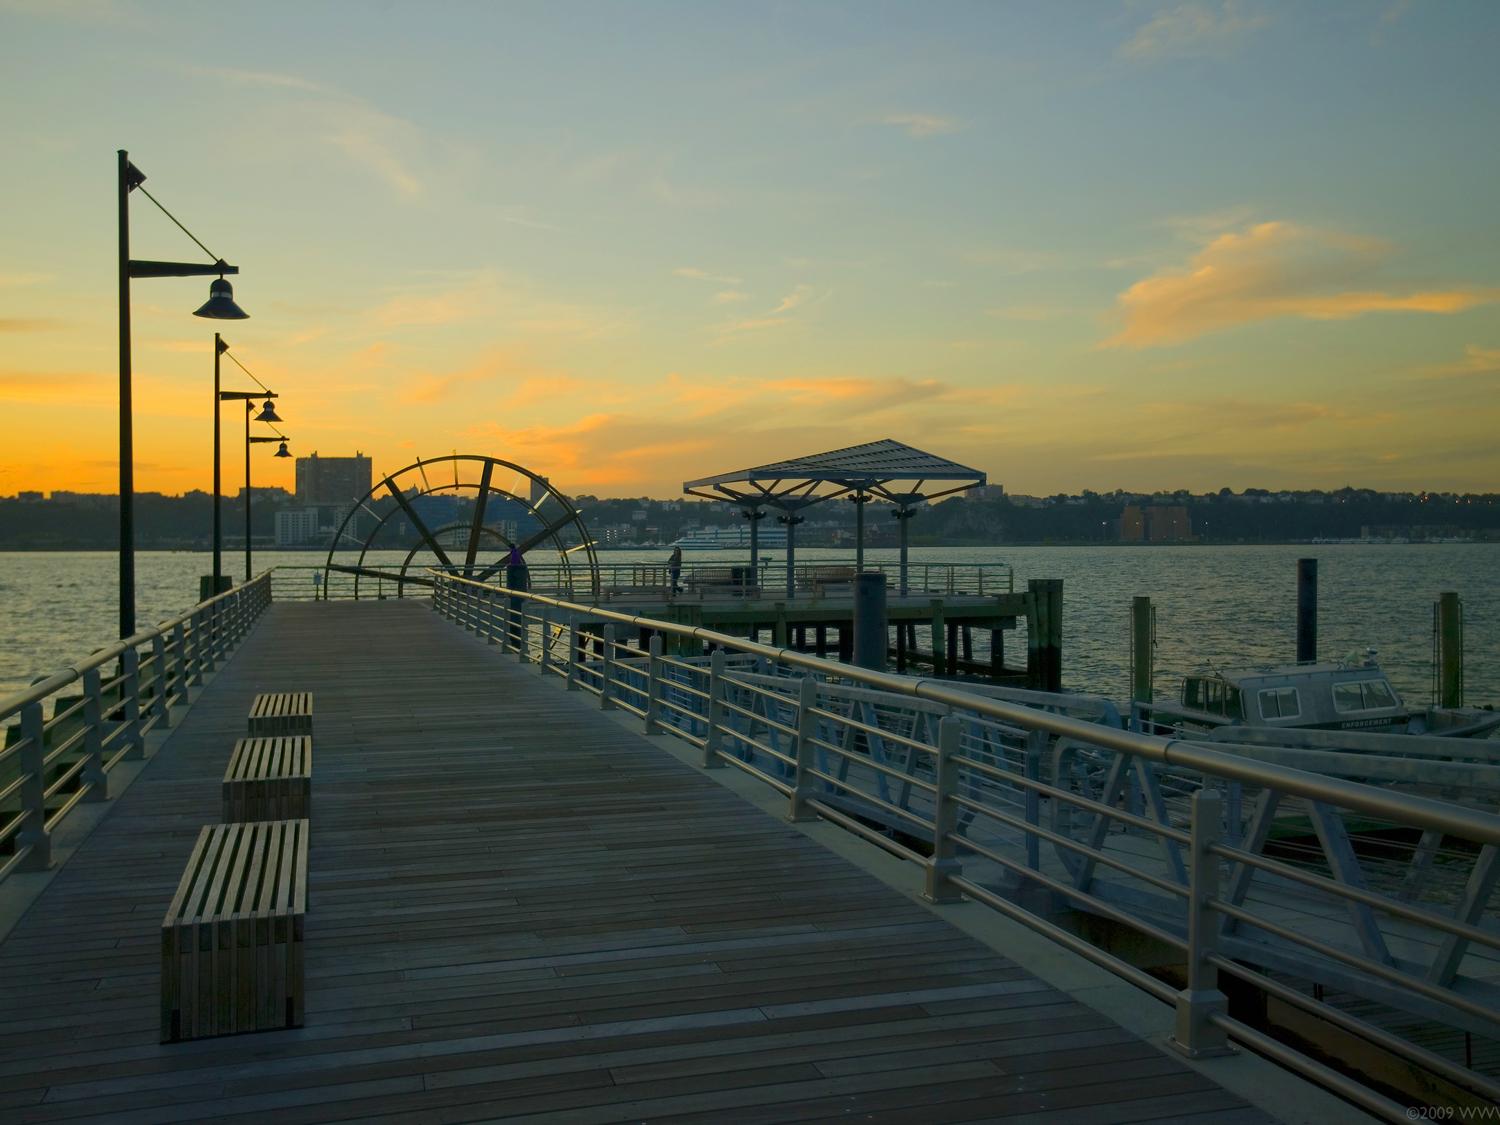 H_Pier 66 - Hudson River Park_new.jpg